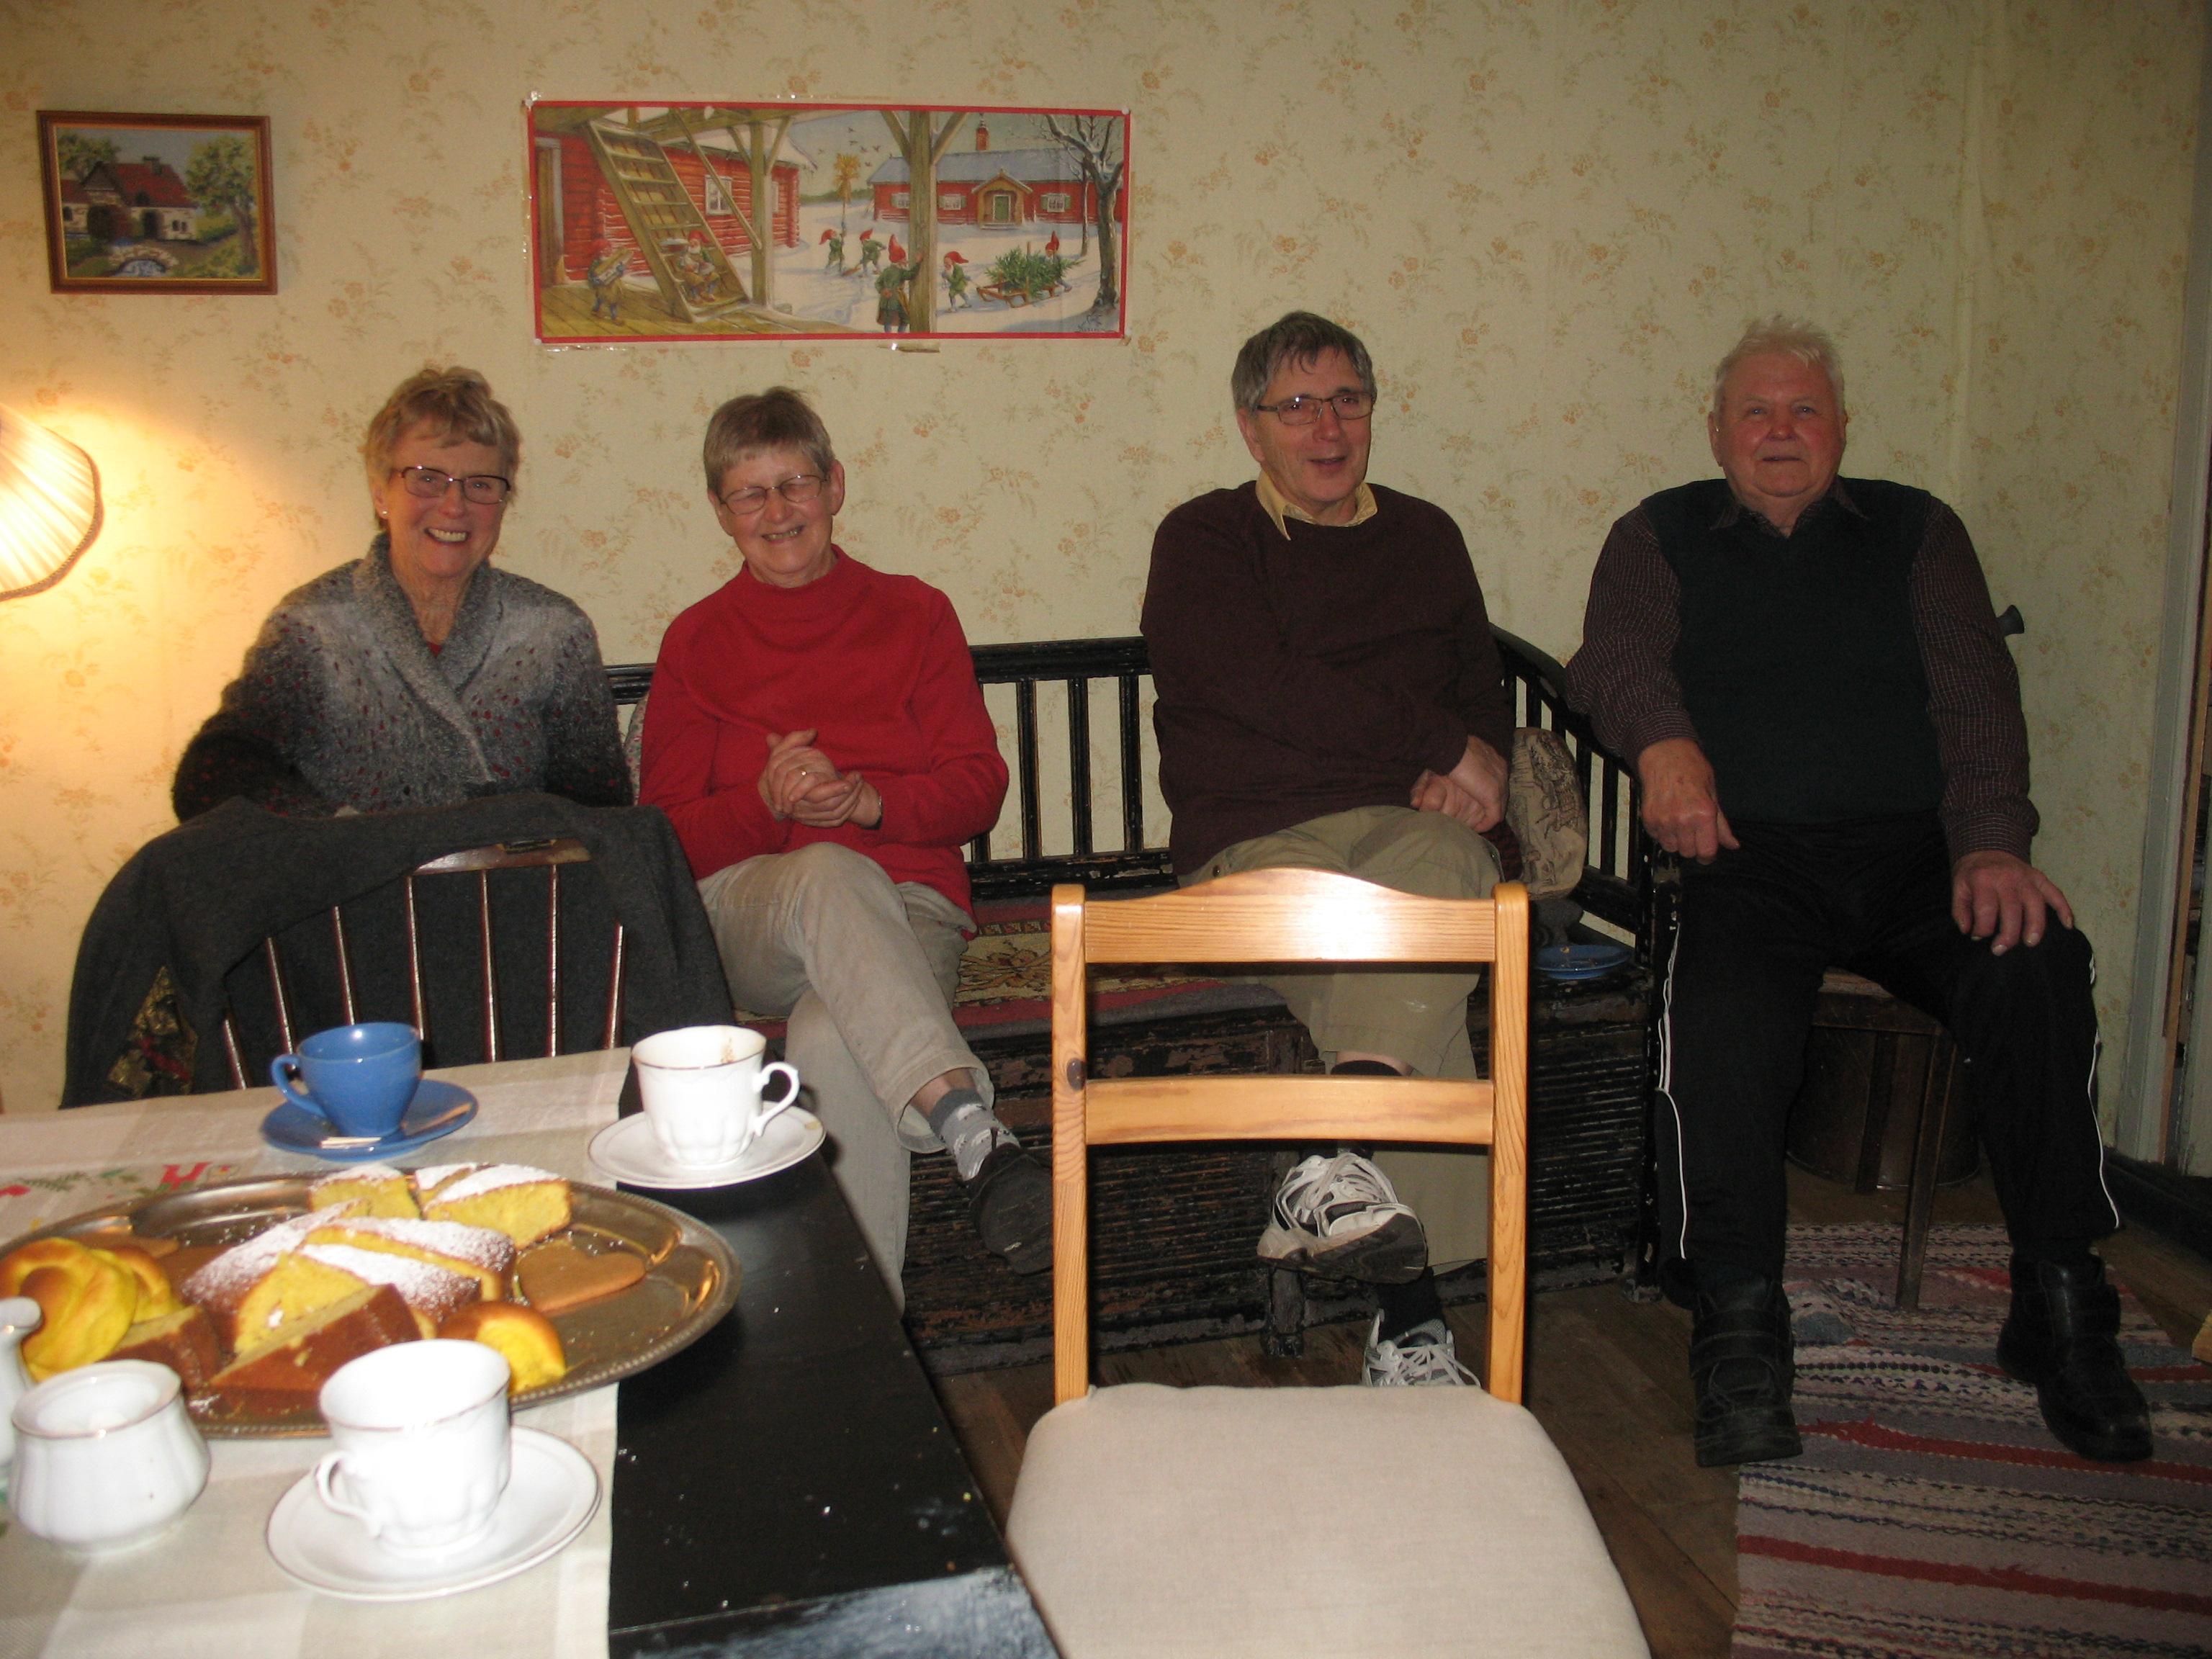 Tre i soffan och en bredvid, från vänster Birgitta, Gertrud, Rune och Tyko.